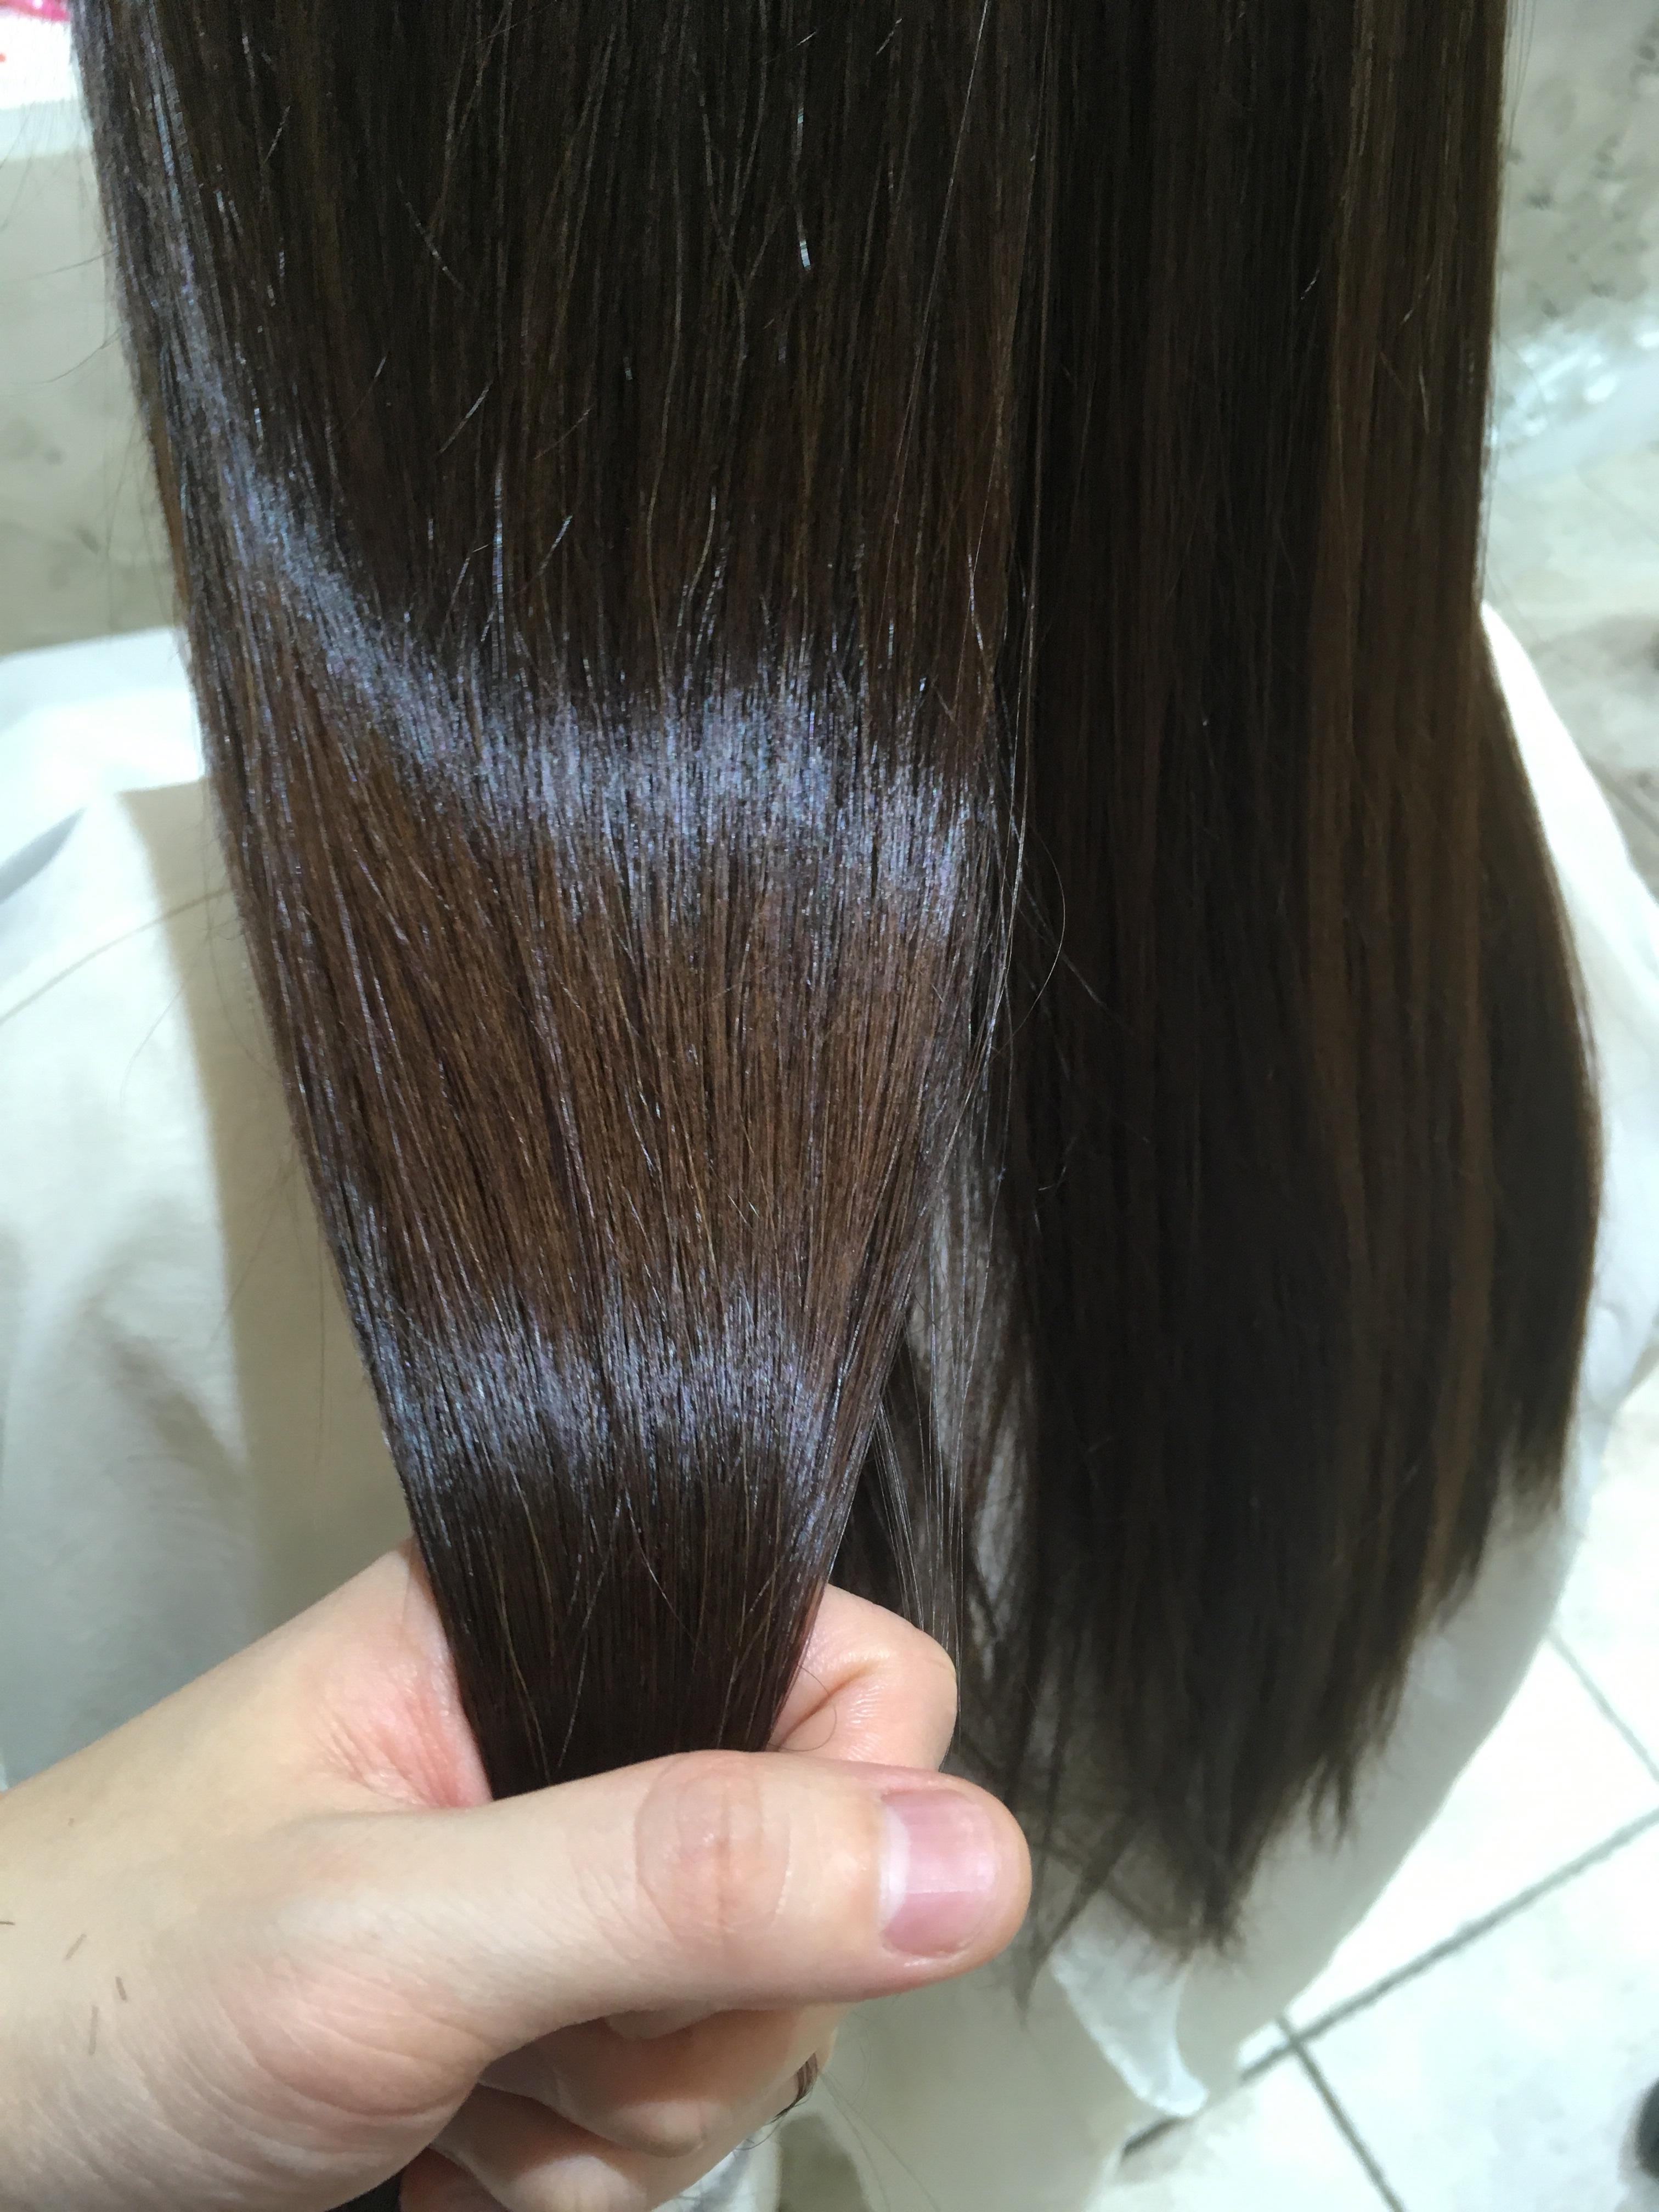 パサパサの髪質には必ずトリートメントが必要!?